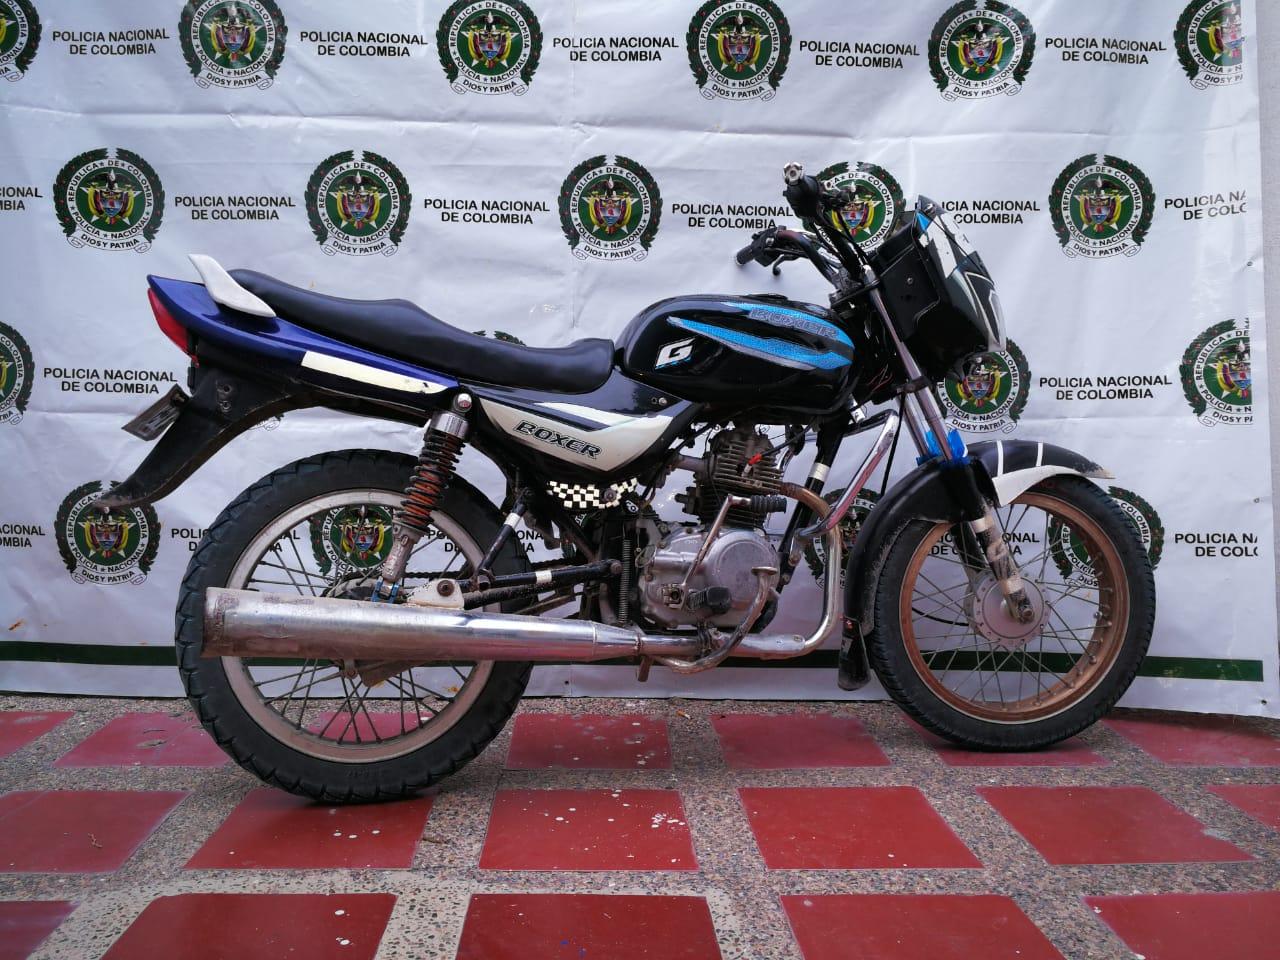 Moto recuperada en Fundación.